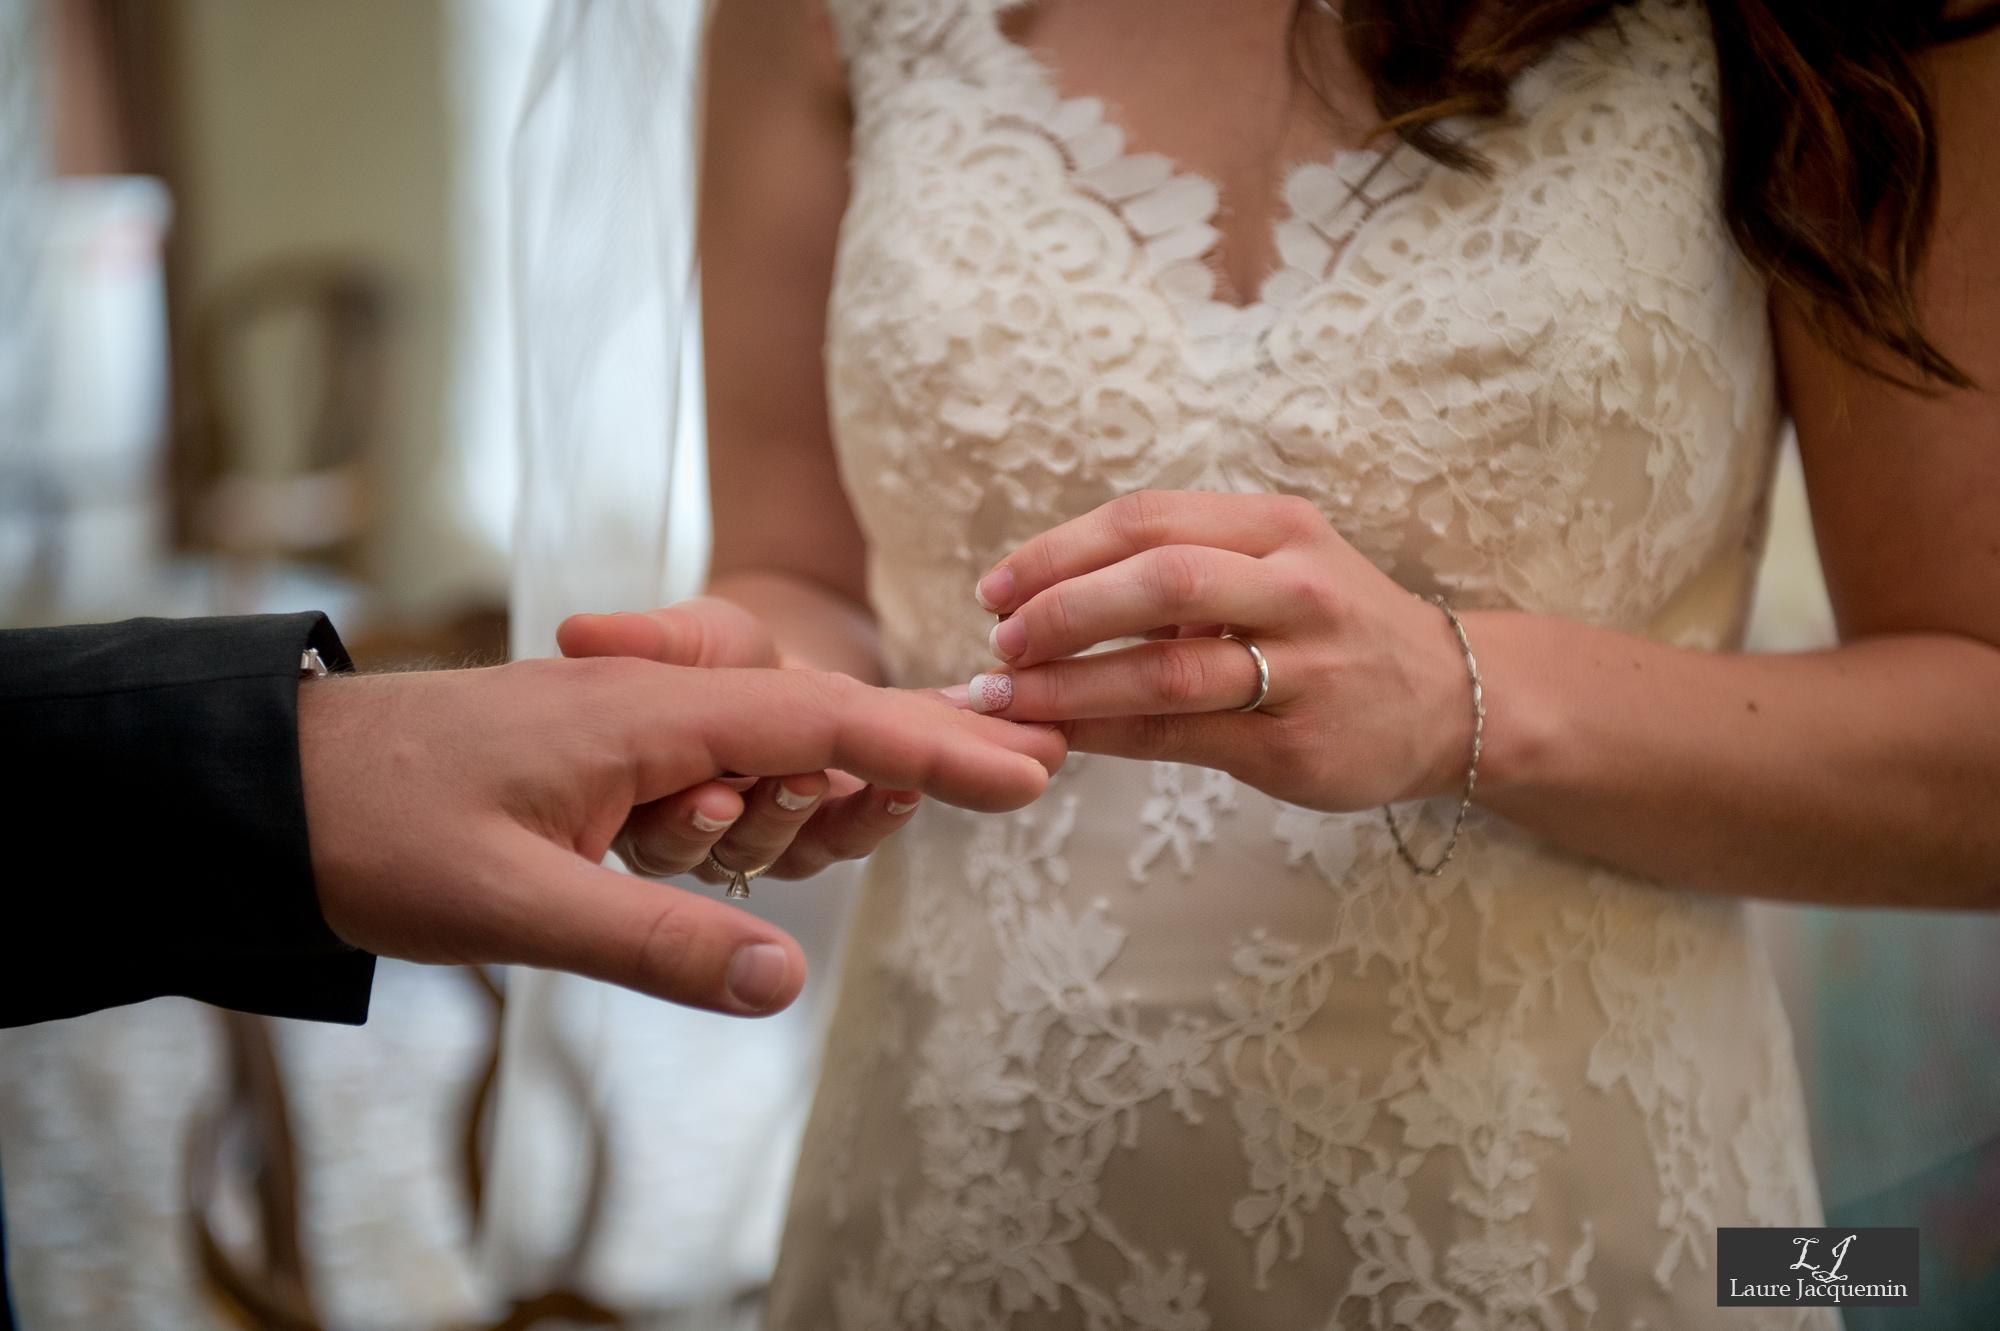 photographe mariage laure jacquemin palazzo cavalli service photographique (26)